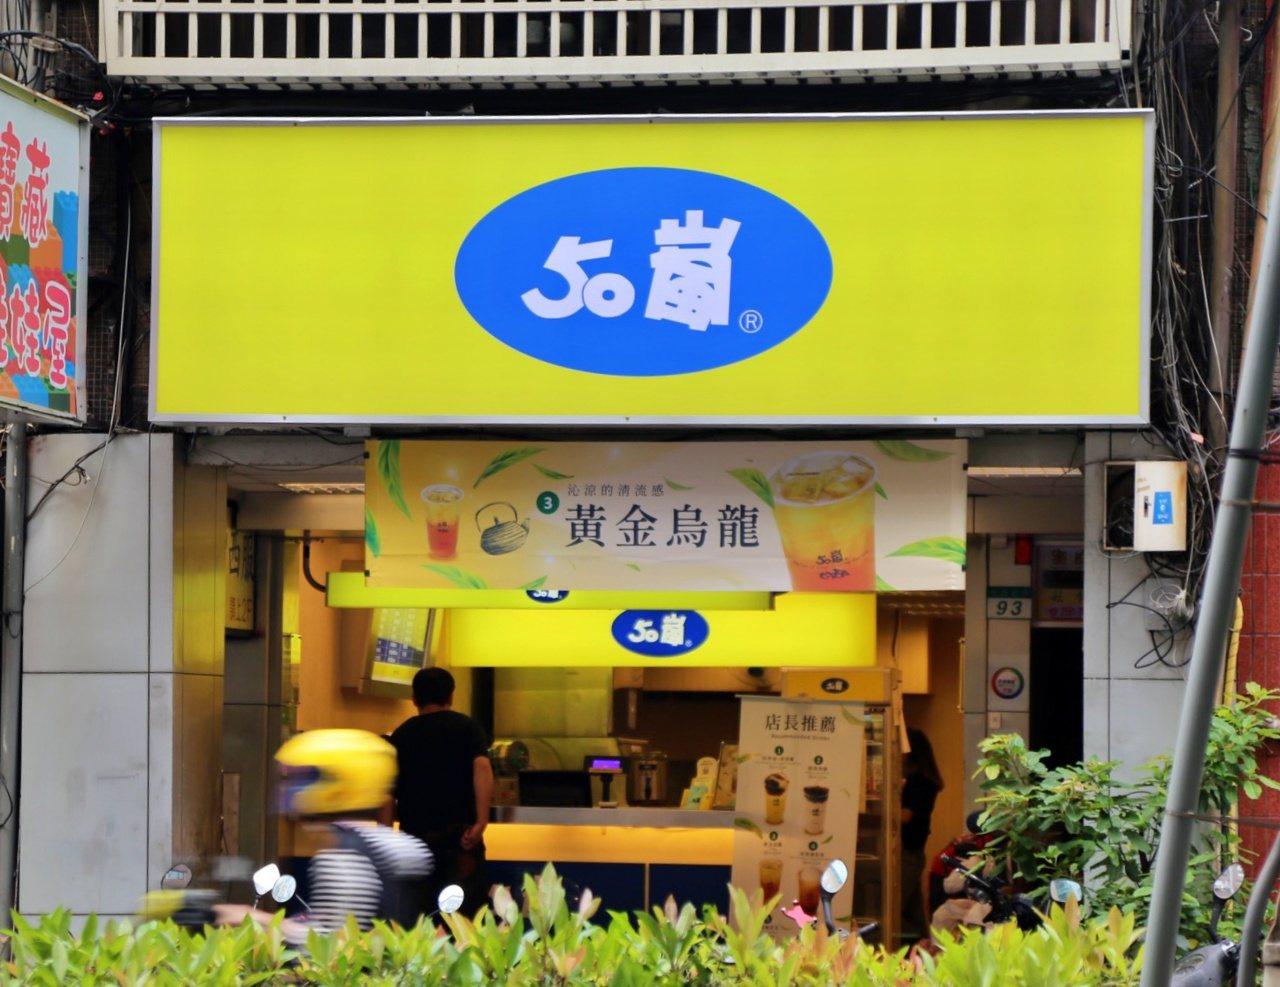 「50榔」檳榔攤的招牌形似手搖飲料店「50嵐」(圖),不少網友都曾誤認。圖/聯合...